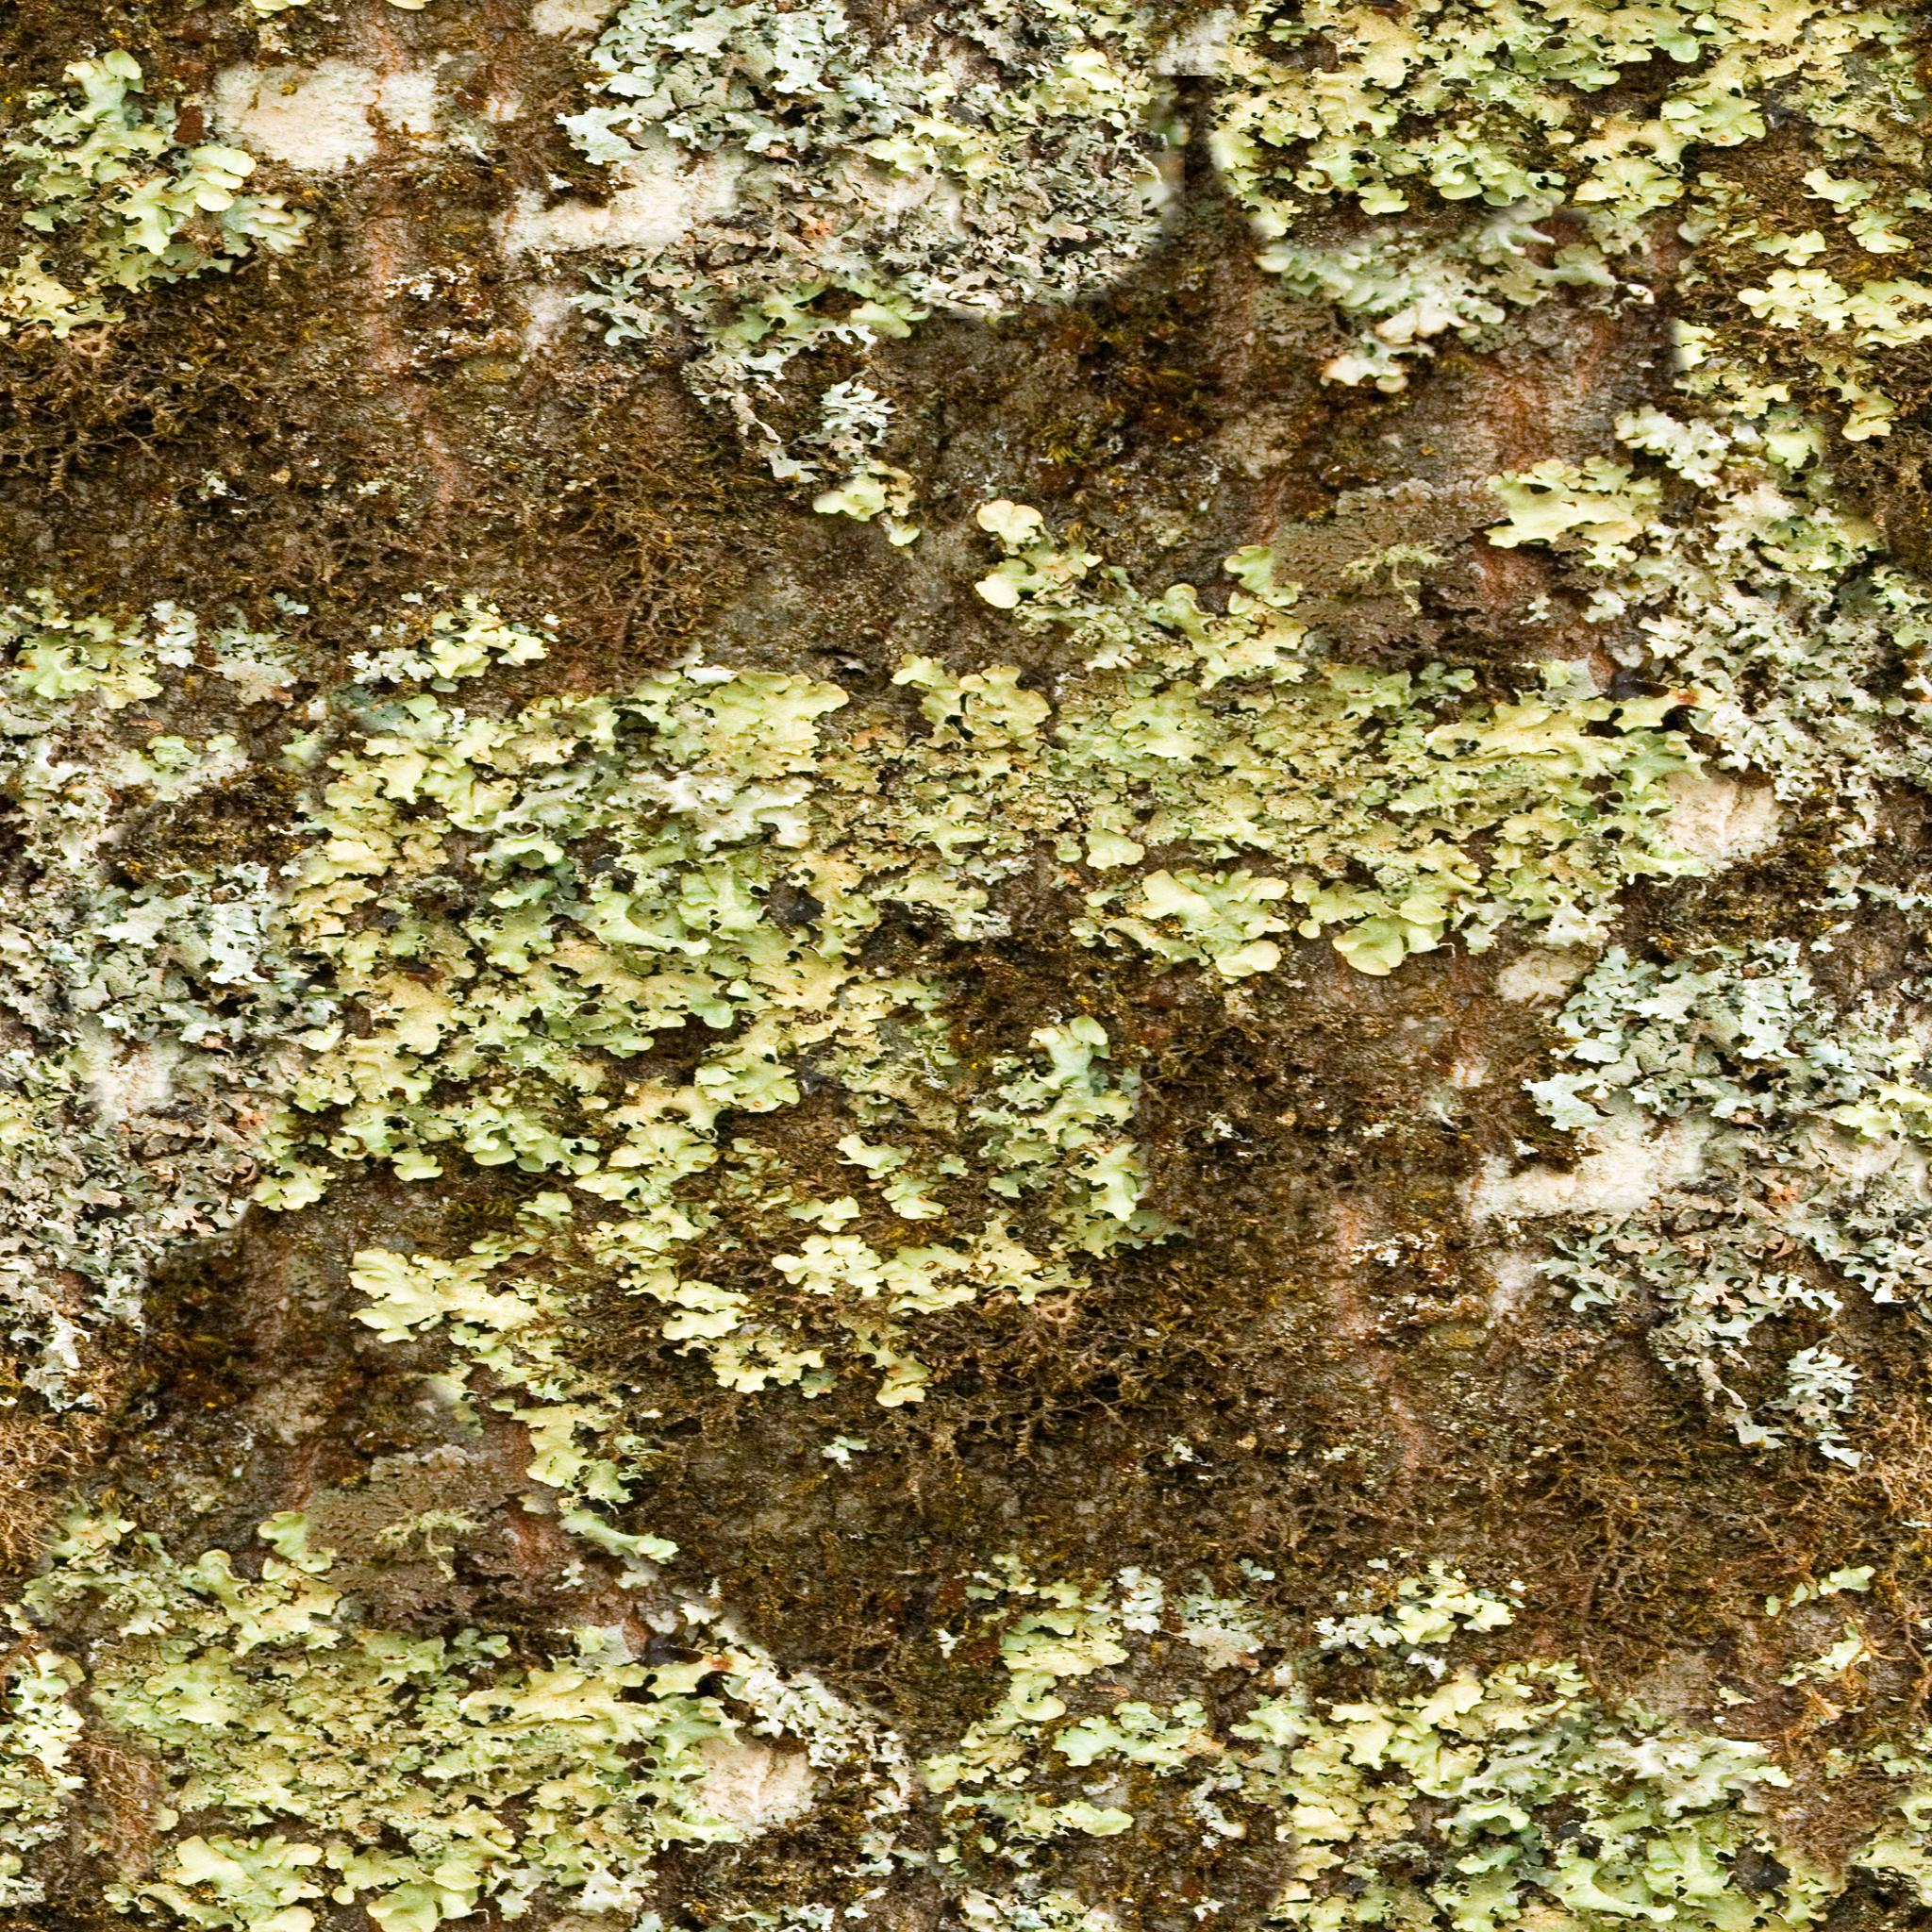 Brown Lichen Covered Bark.jpg